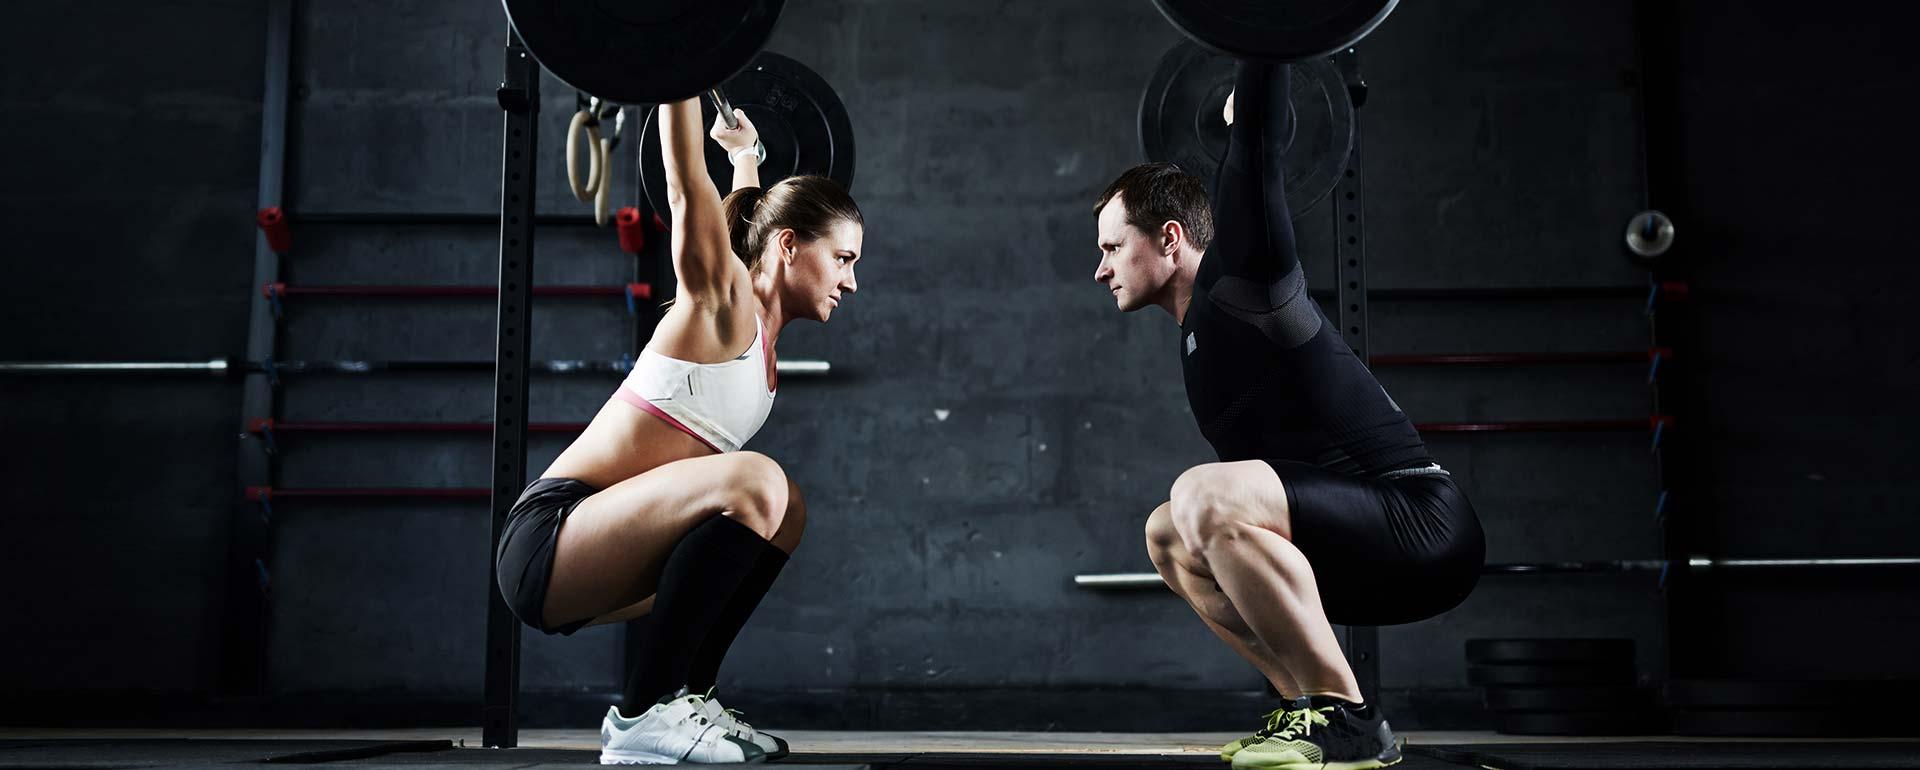 Dein Weg zur Fitness